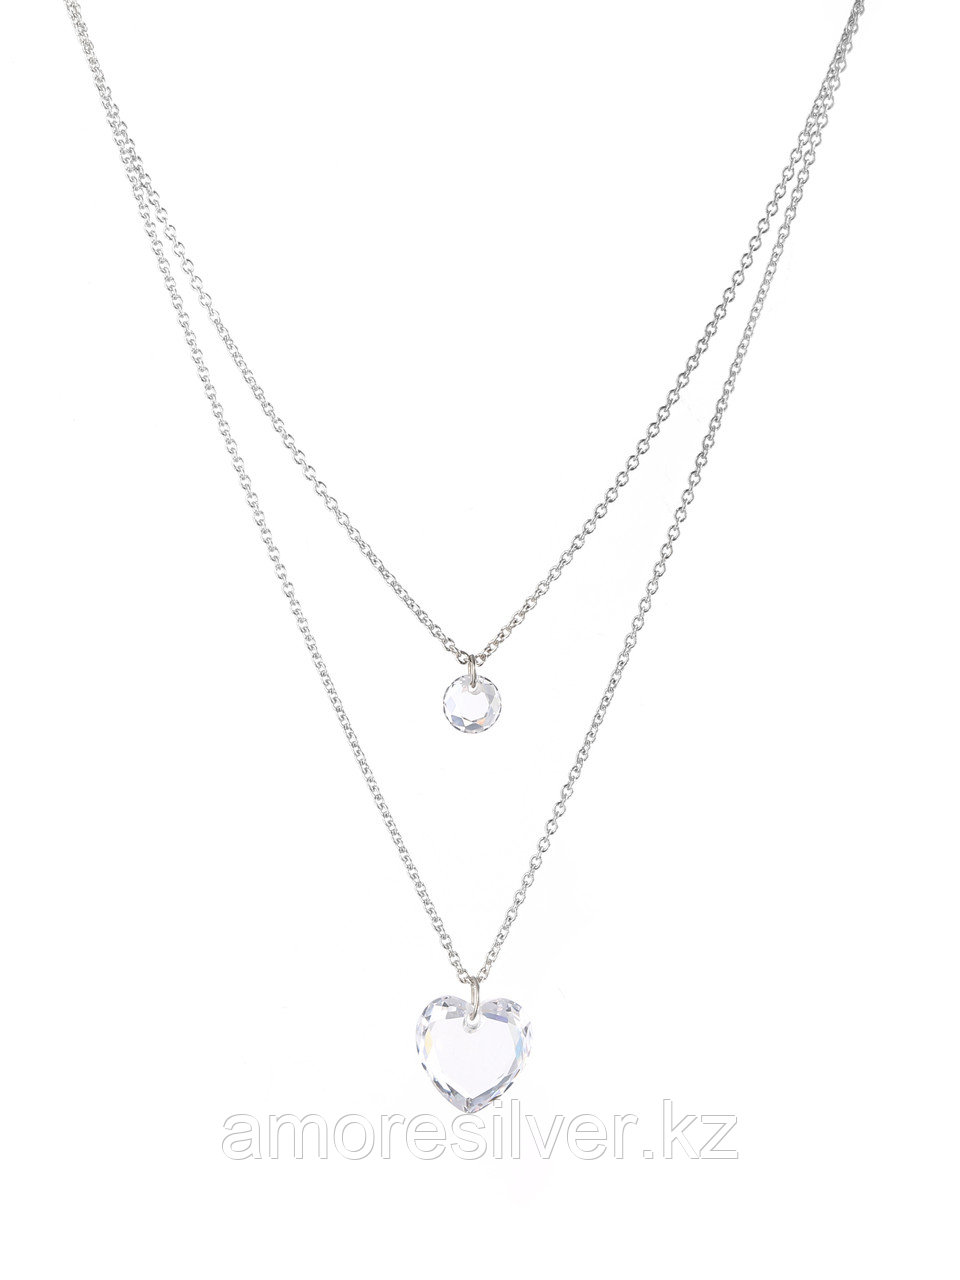 Колье Адамант серебро с родием, фианит Ср925Р-847103040Ф1 размеры - 40